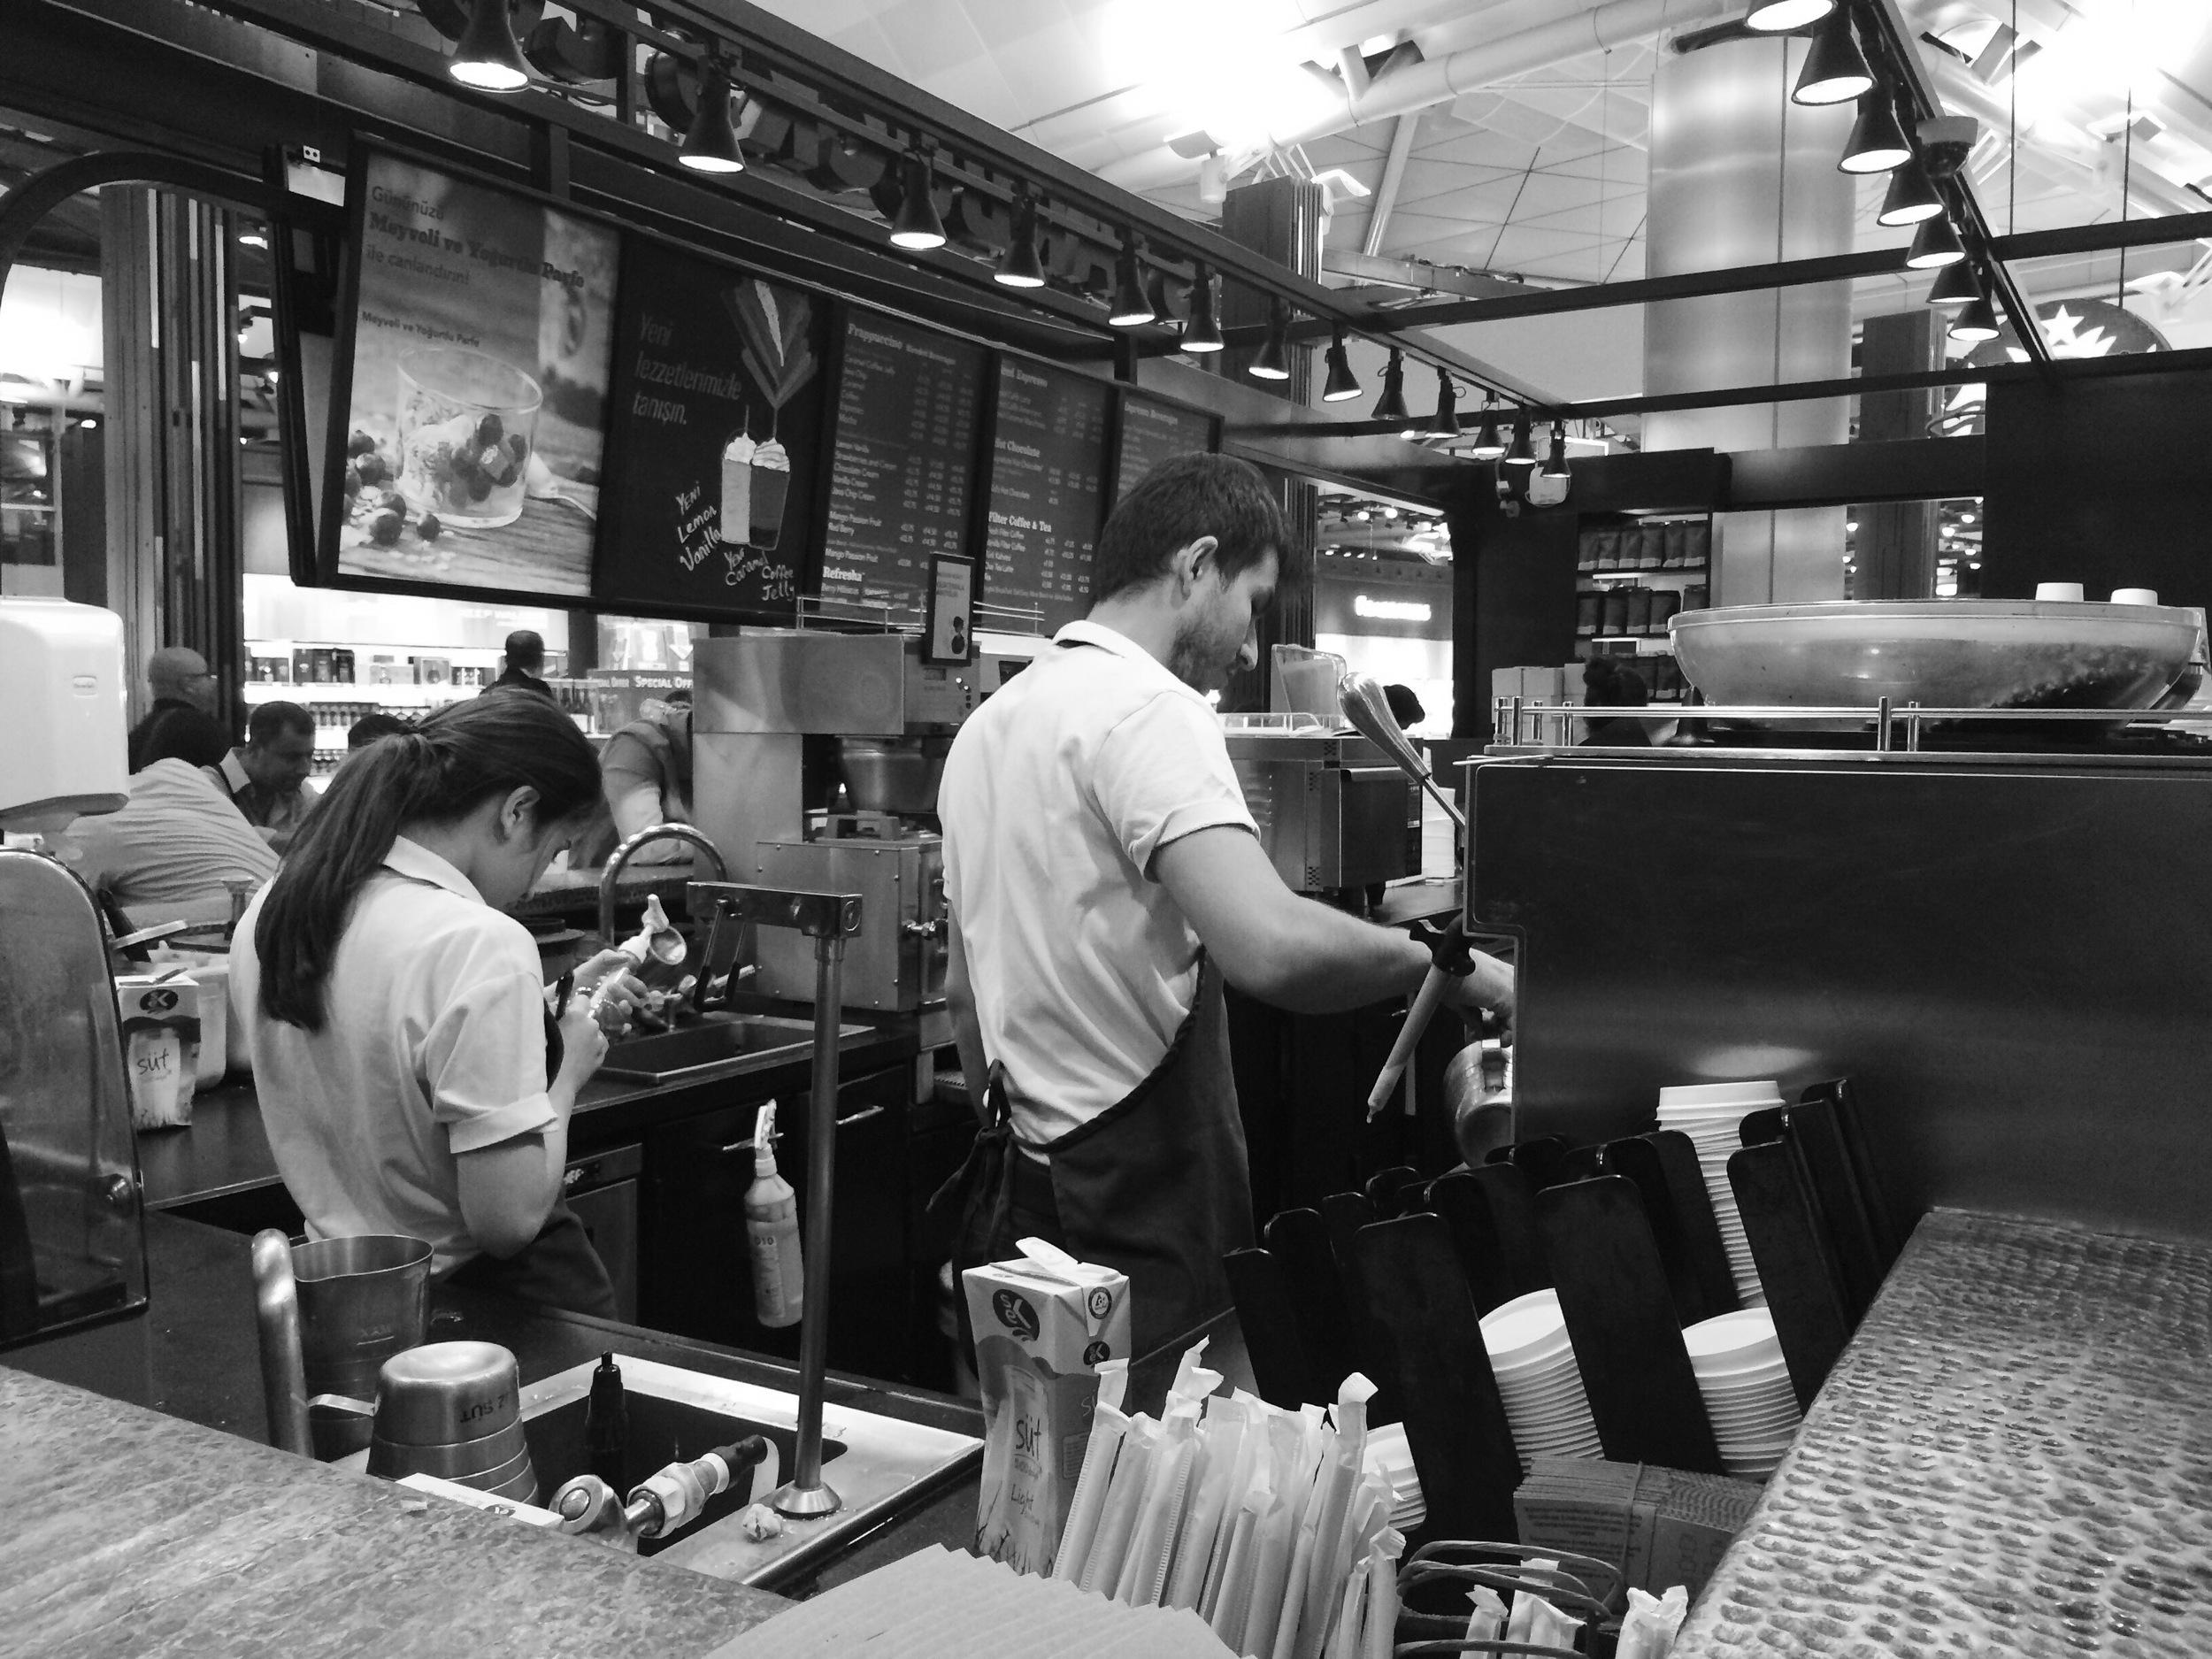 Late night Starbucks baristas